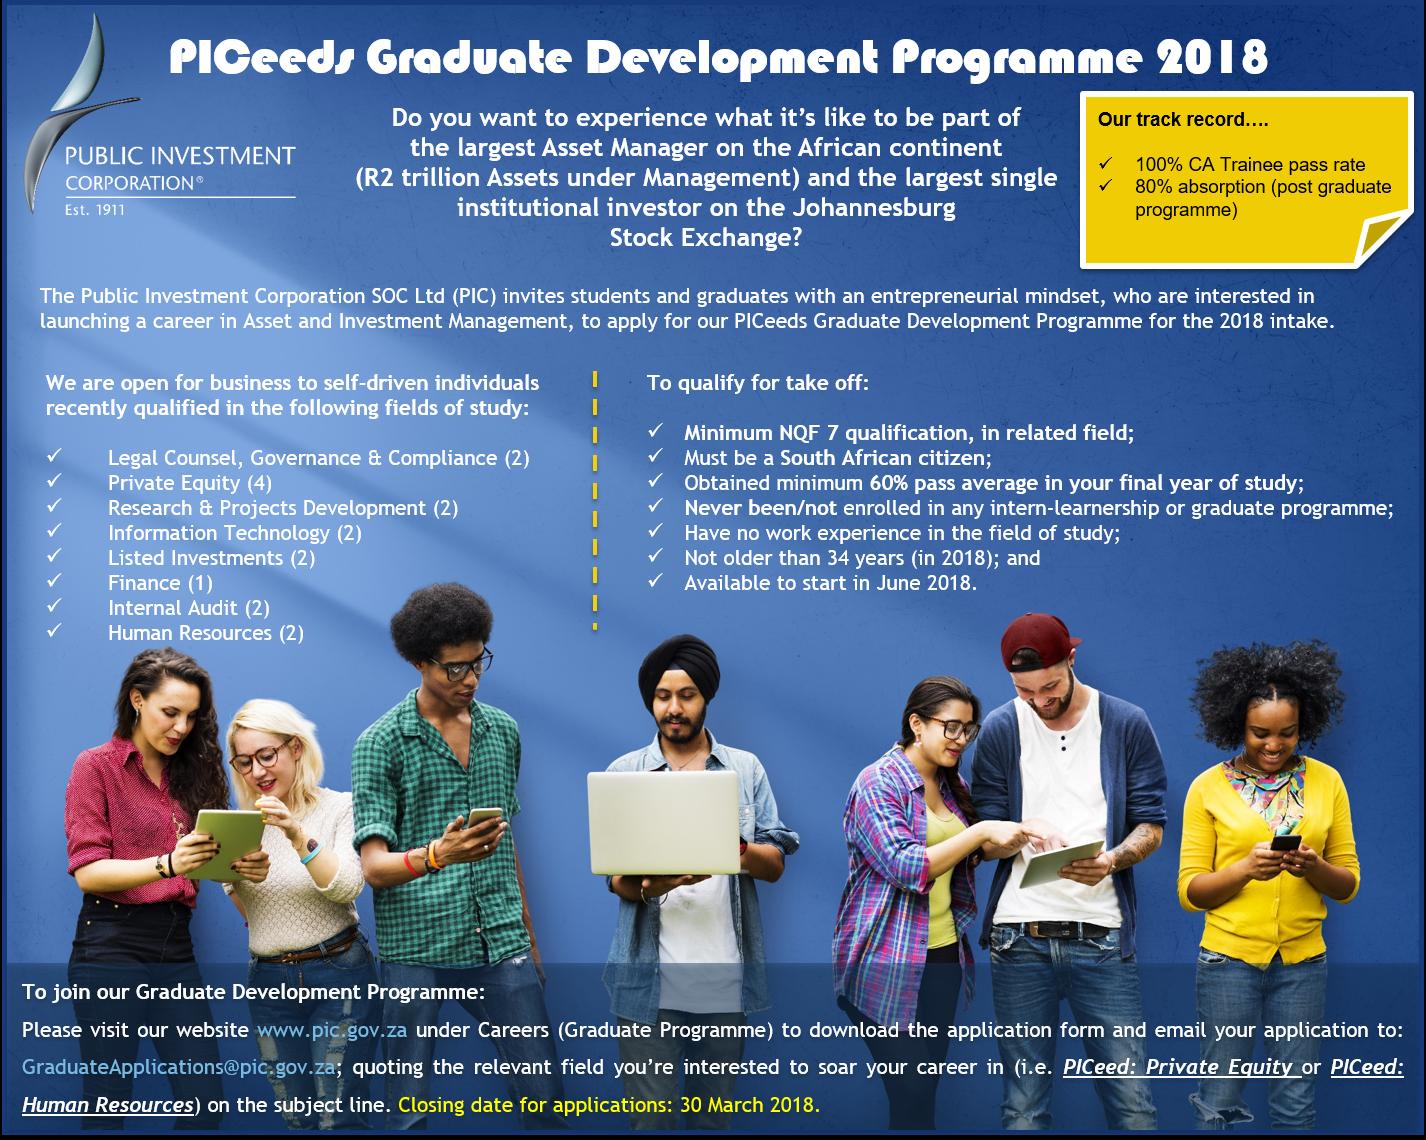 Public Investment Corporation Graduate Development Programme.